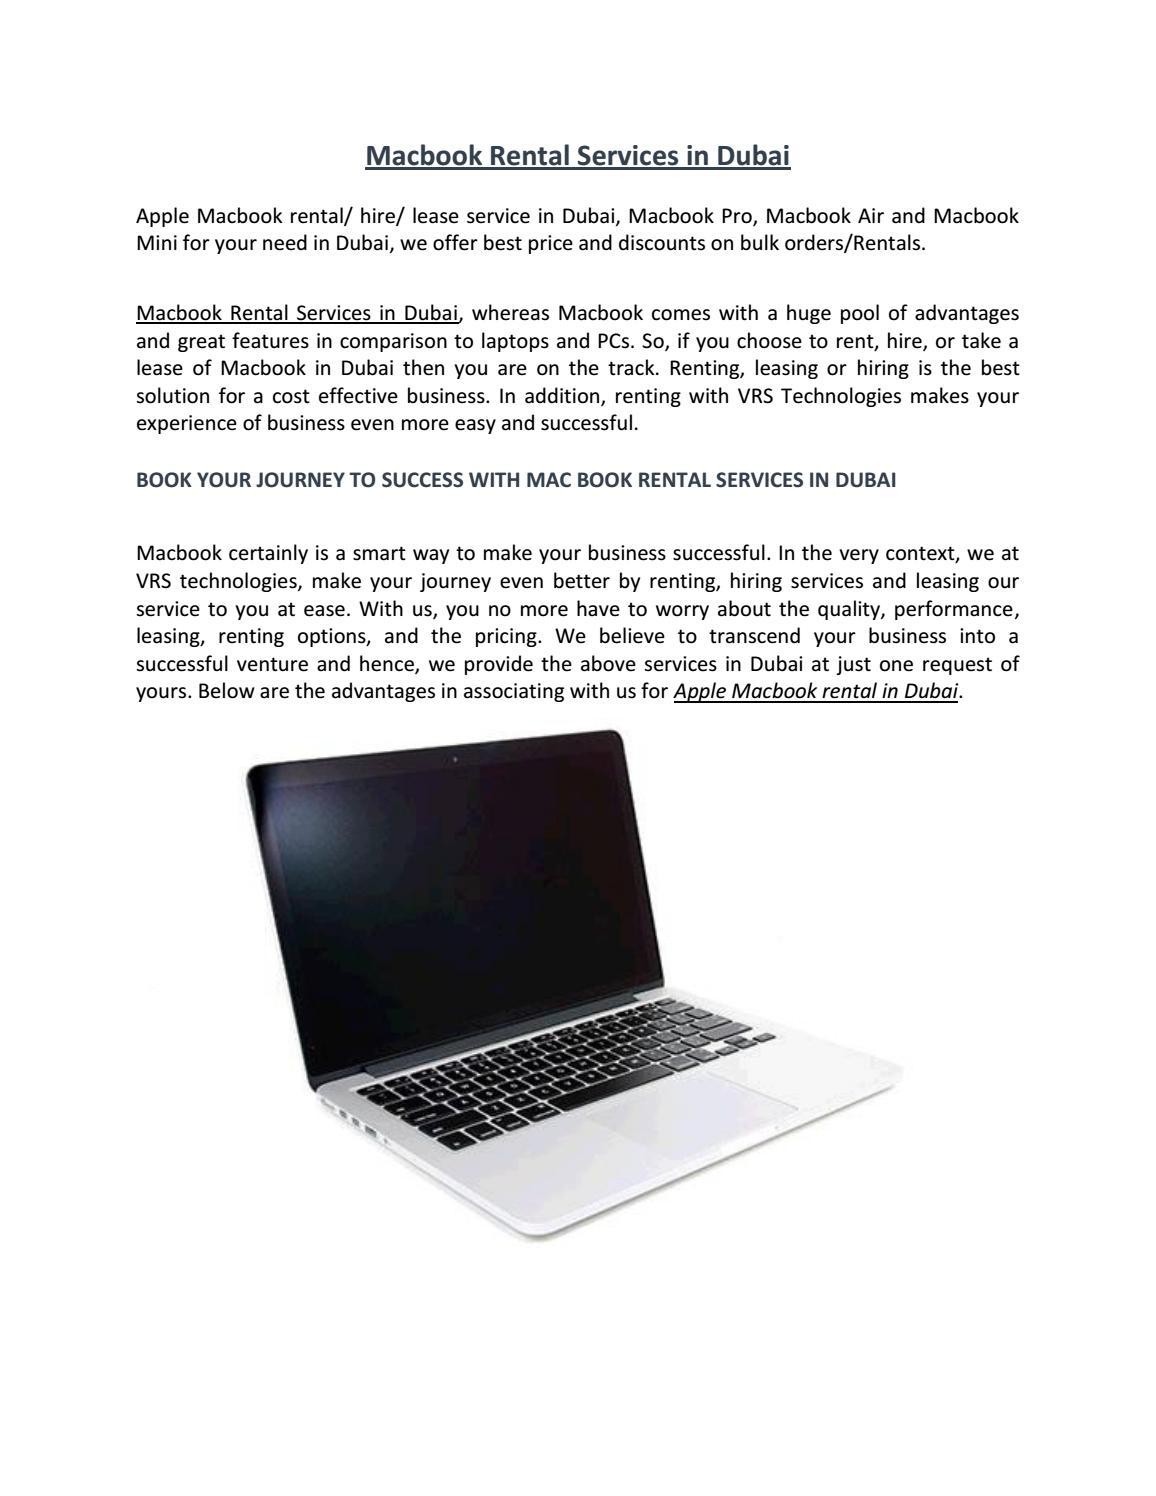 Macbook rental services by maclaptoprental - issuu